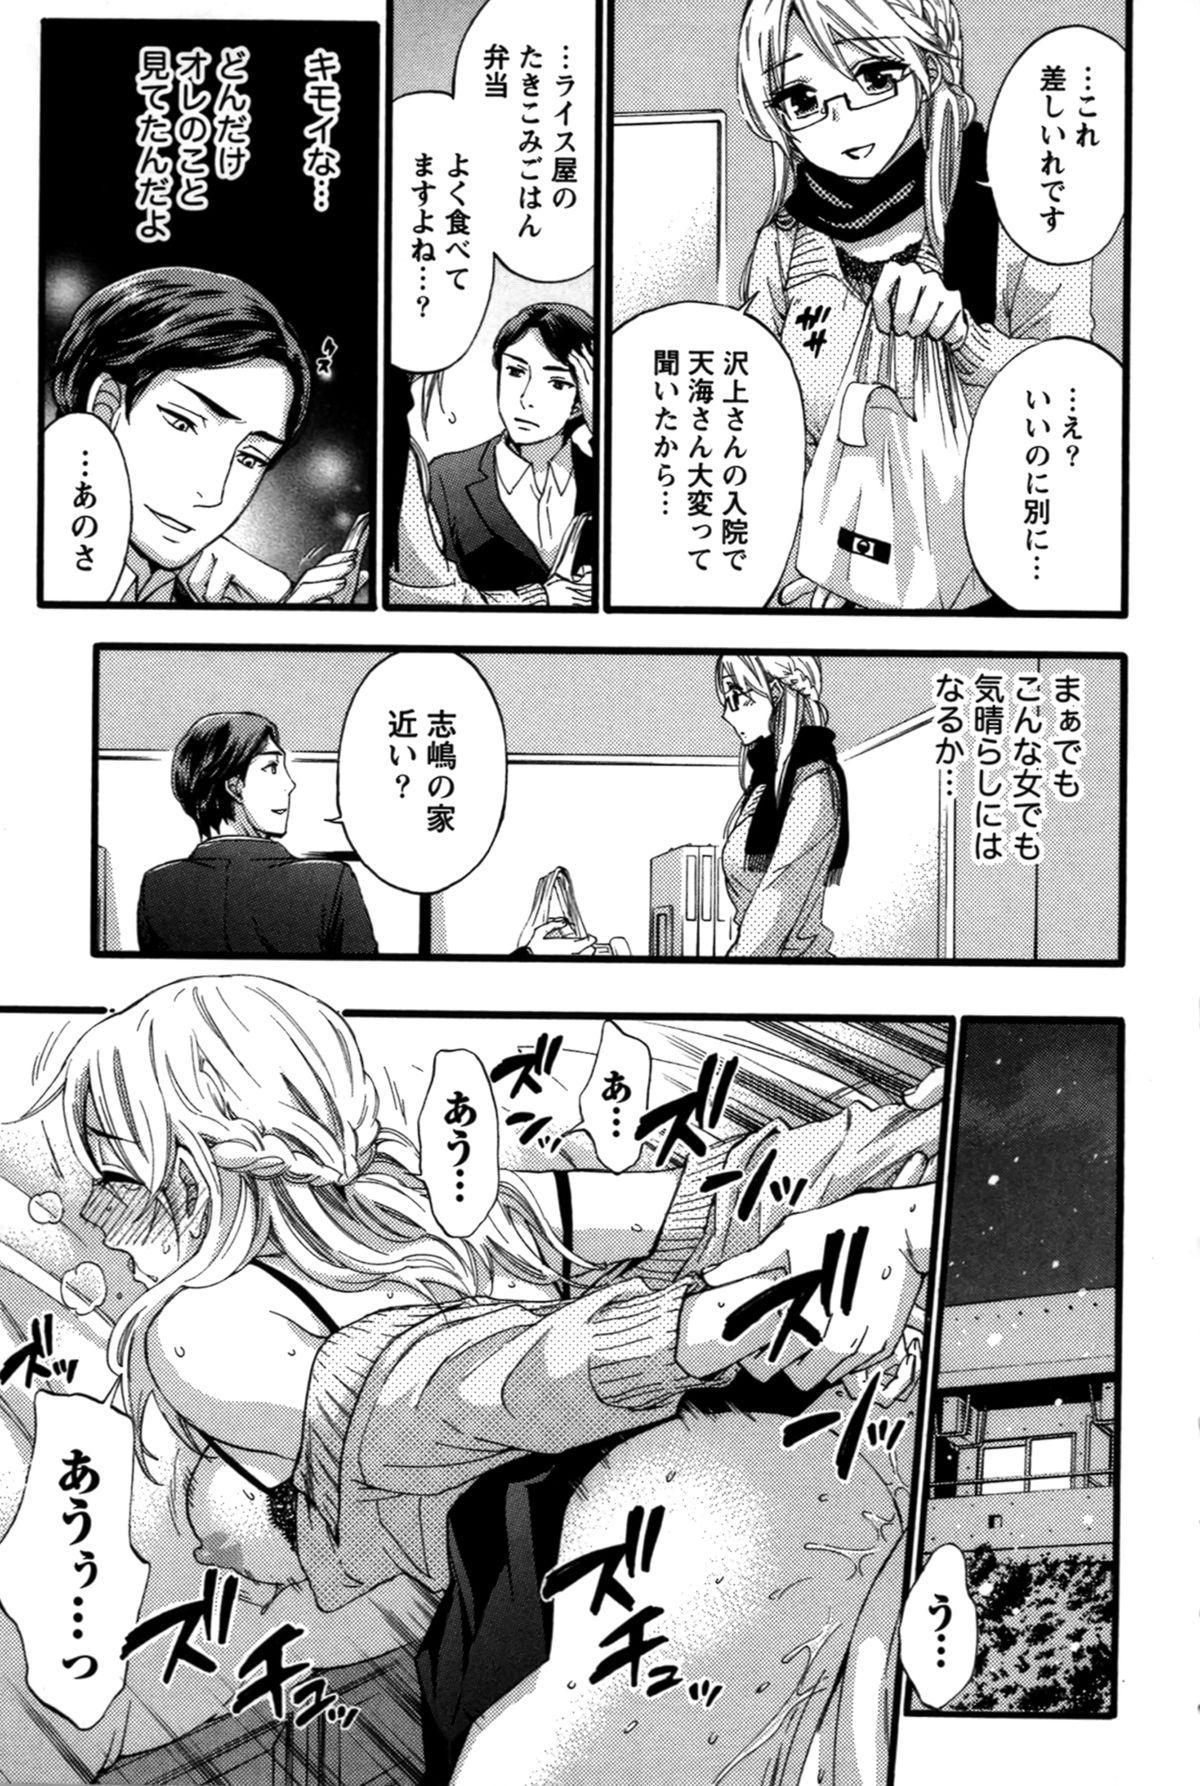 Anata to Watashi wa Warukunai 129